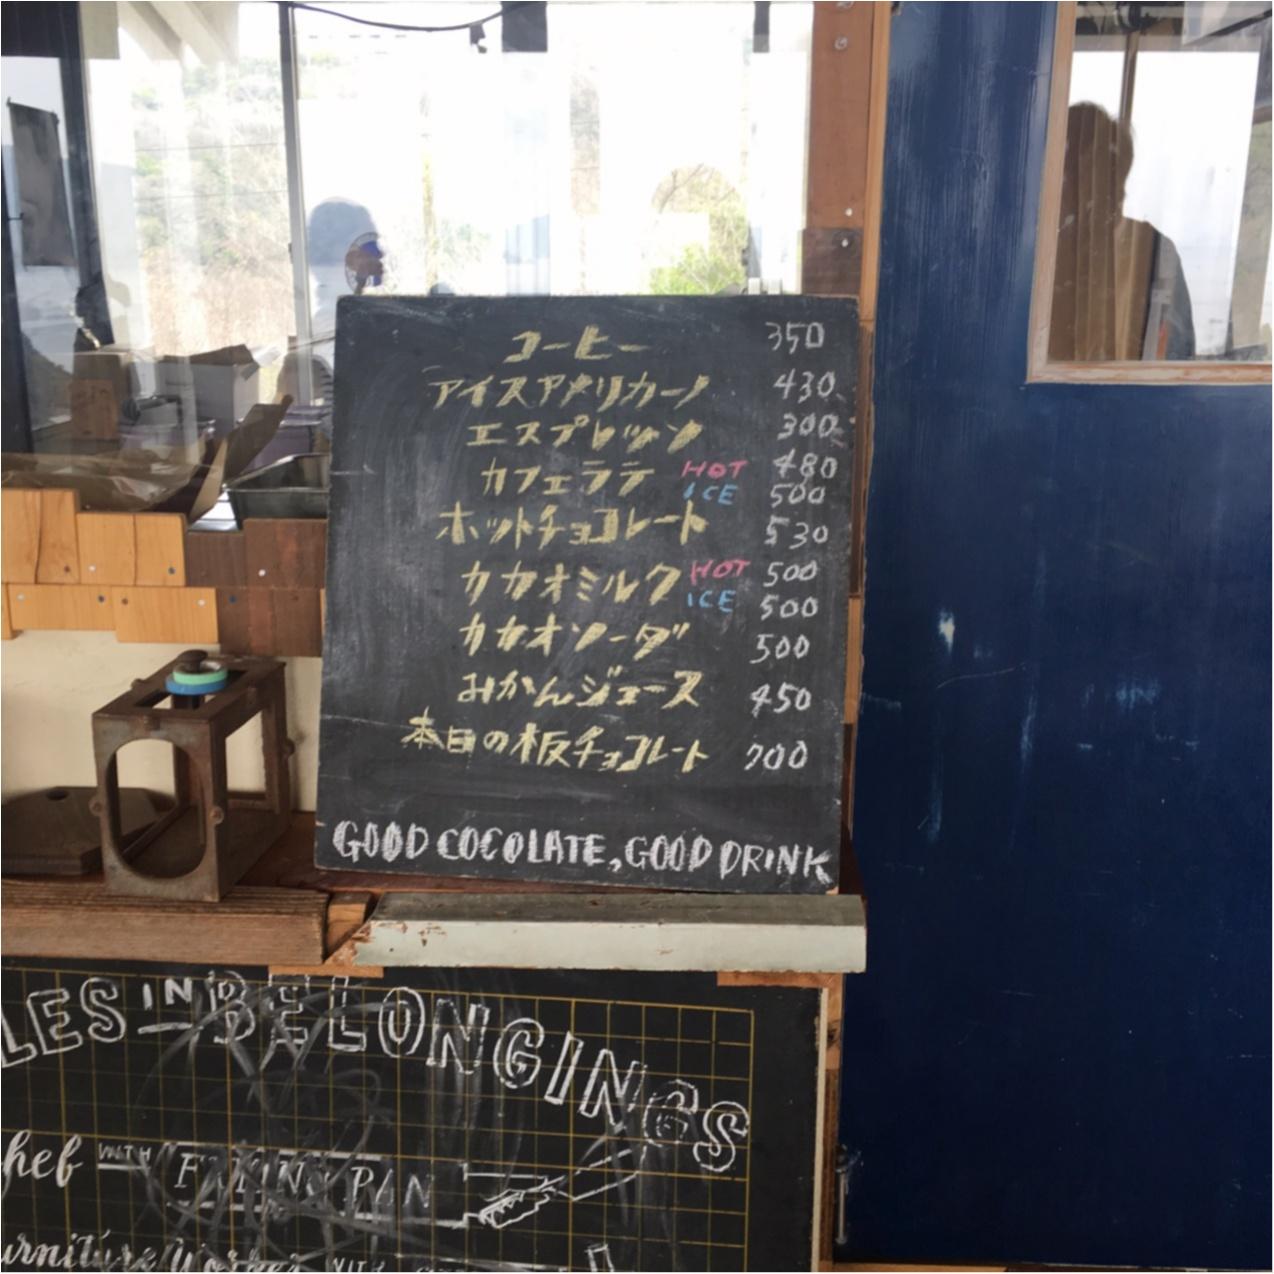 【広島・尾道】こんなチョコレートはじめて♪ カカオ豆と砂糖のみで作られる新鮮チョコレートはいかが? ♡_4